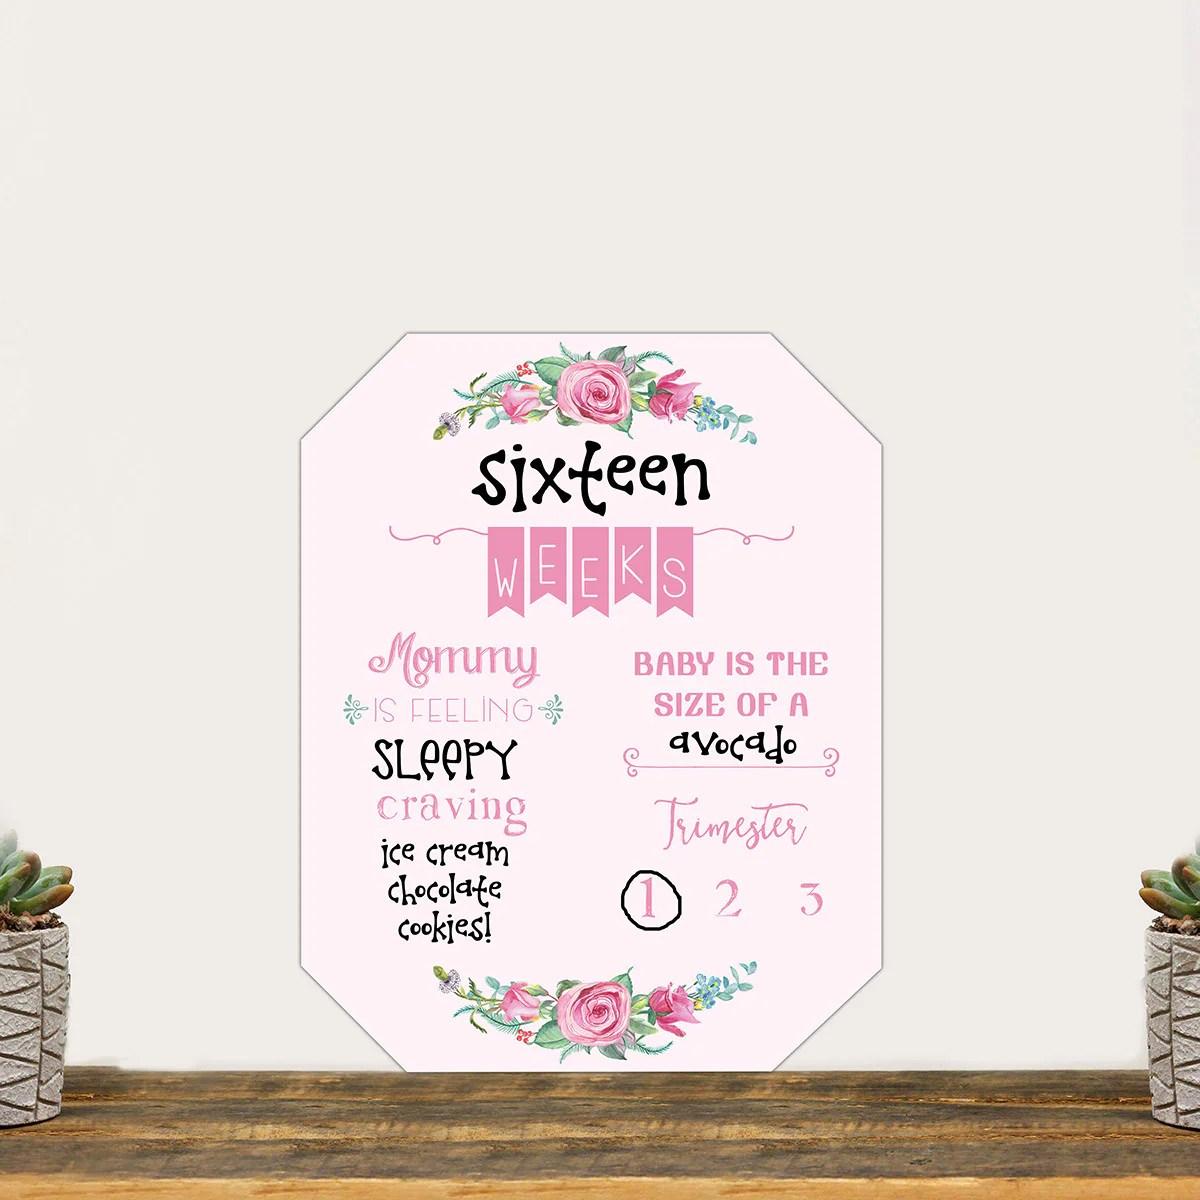 Brilliant Pregnancy Countdown Board On Way Stamp Out Baby On Way Cards Baby On Way Poem Pregnancy Countdown Board On Way inspiration Baby On The Way